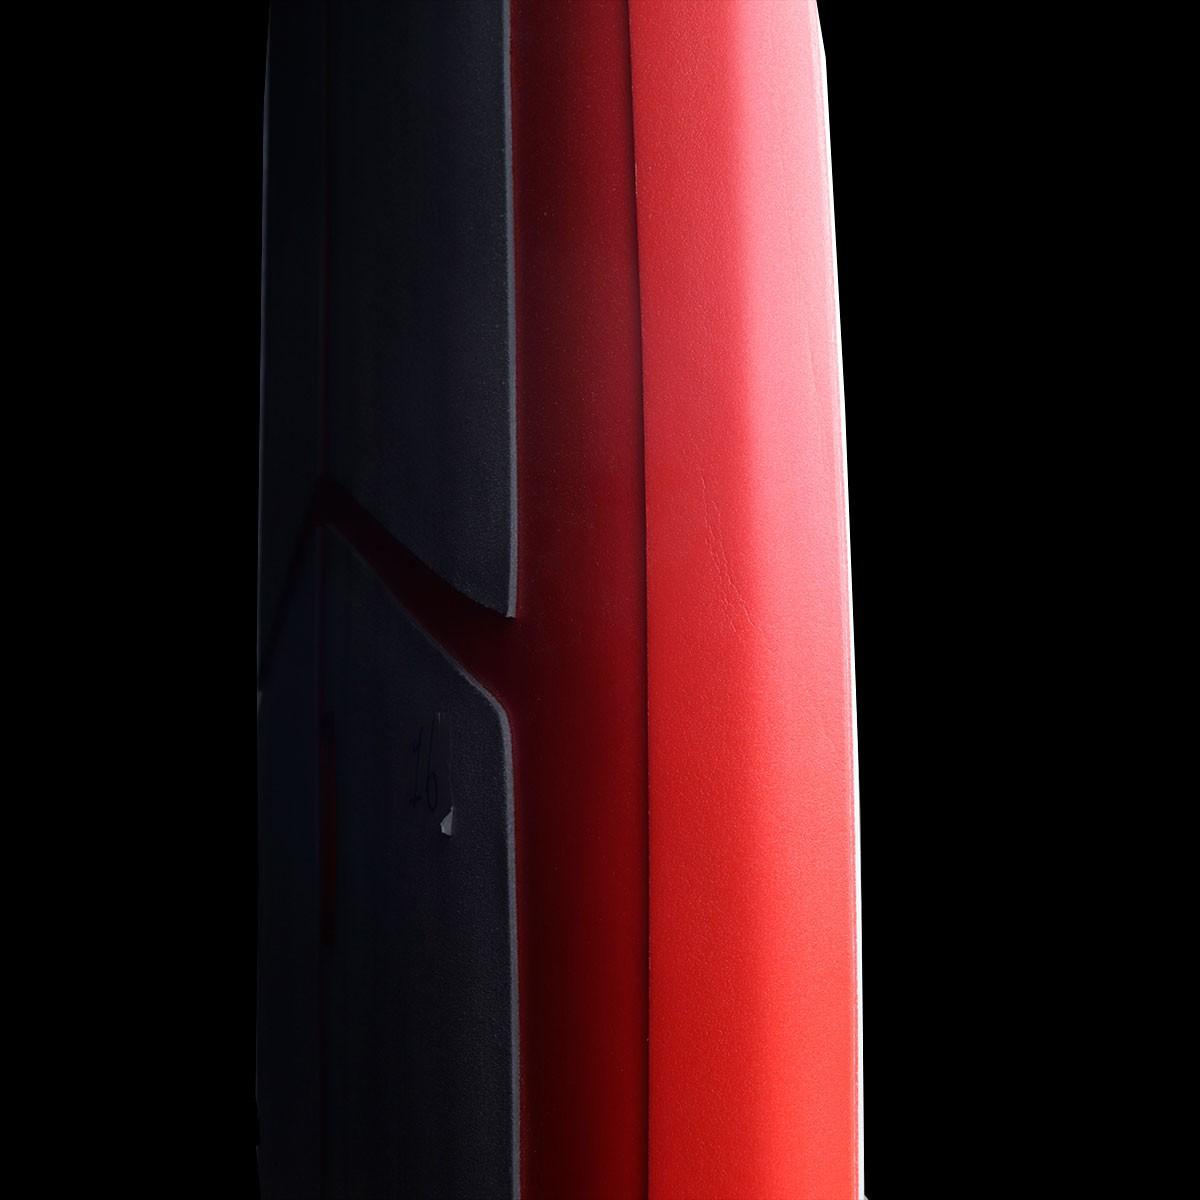 Prancha de stand up paddle 10 pés soft + kit remada - Outlet 16